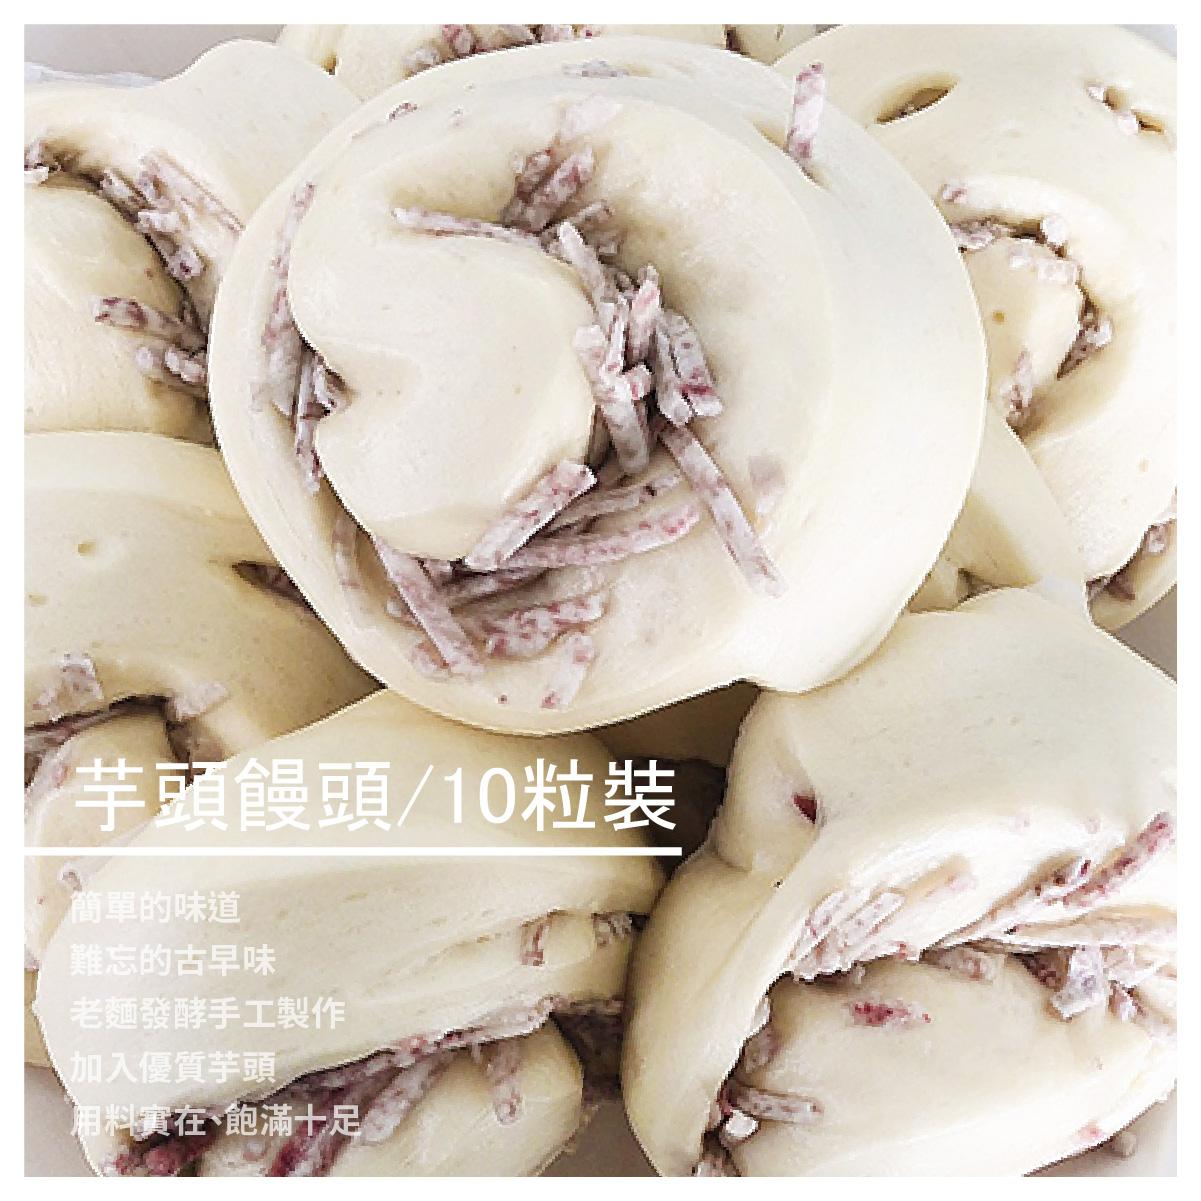 【阿英手工饅頭】芋頭饅頭/10粒裝